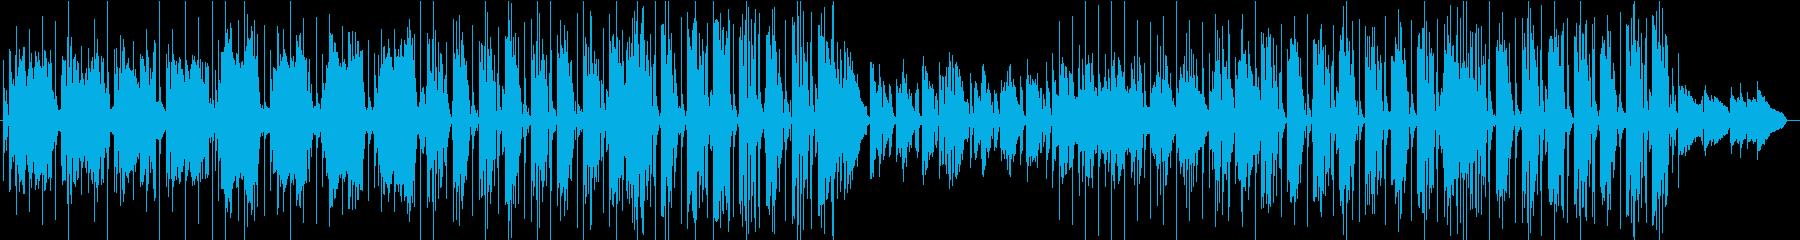 おしゃれSoul風、メロウなメロディの再生済みの波形